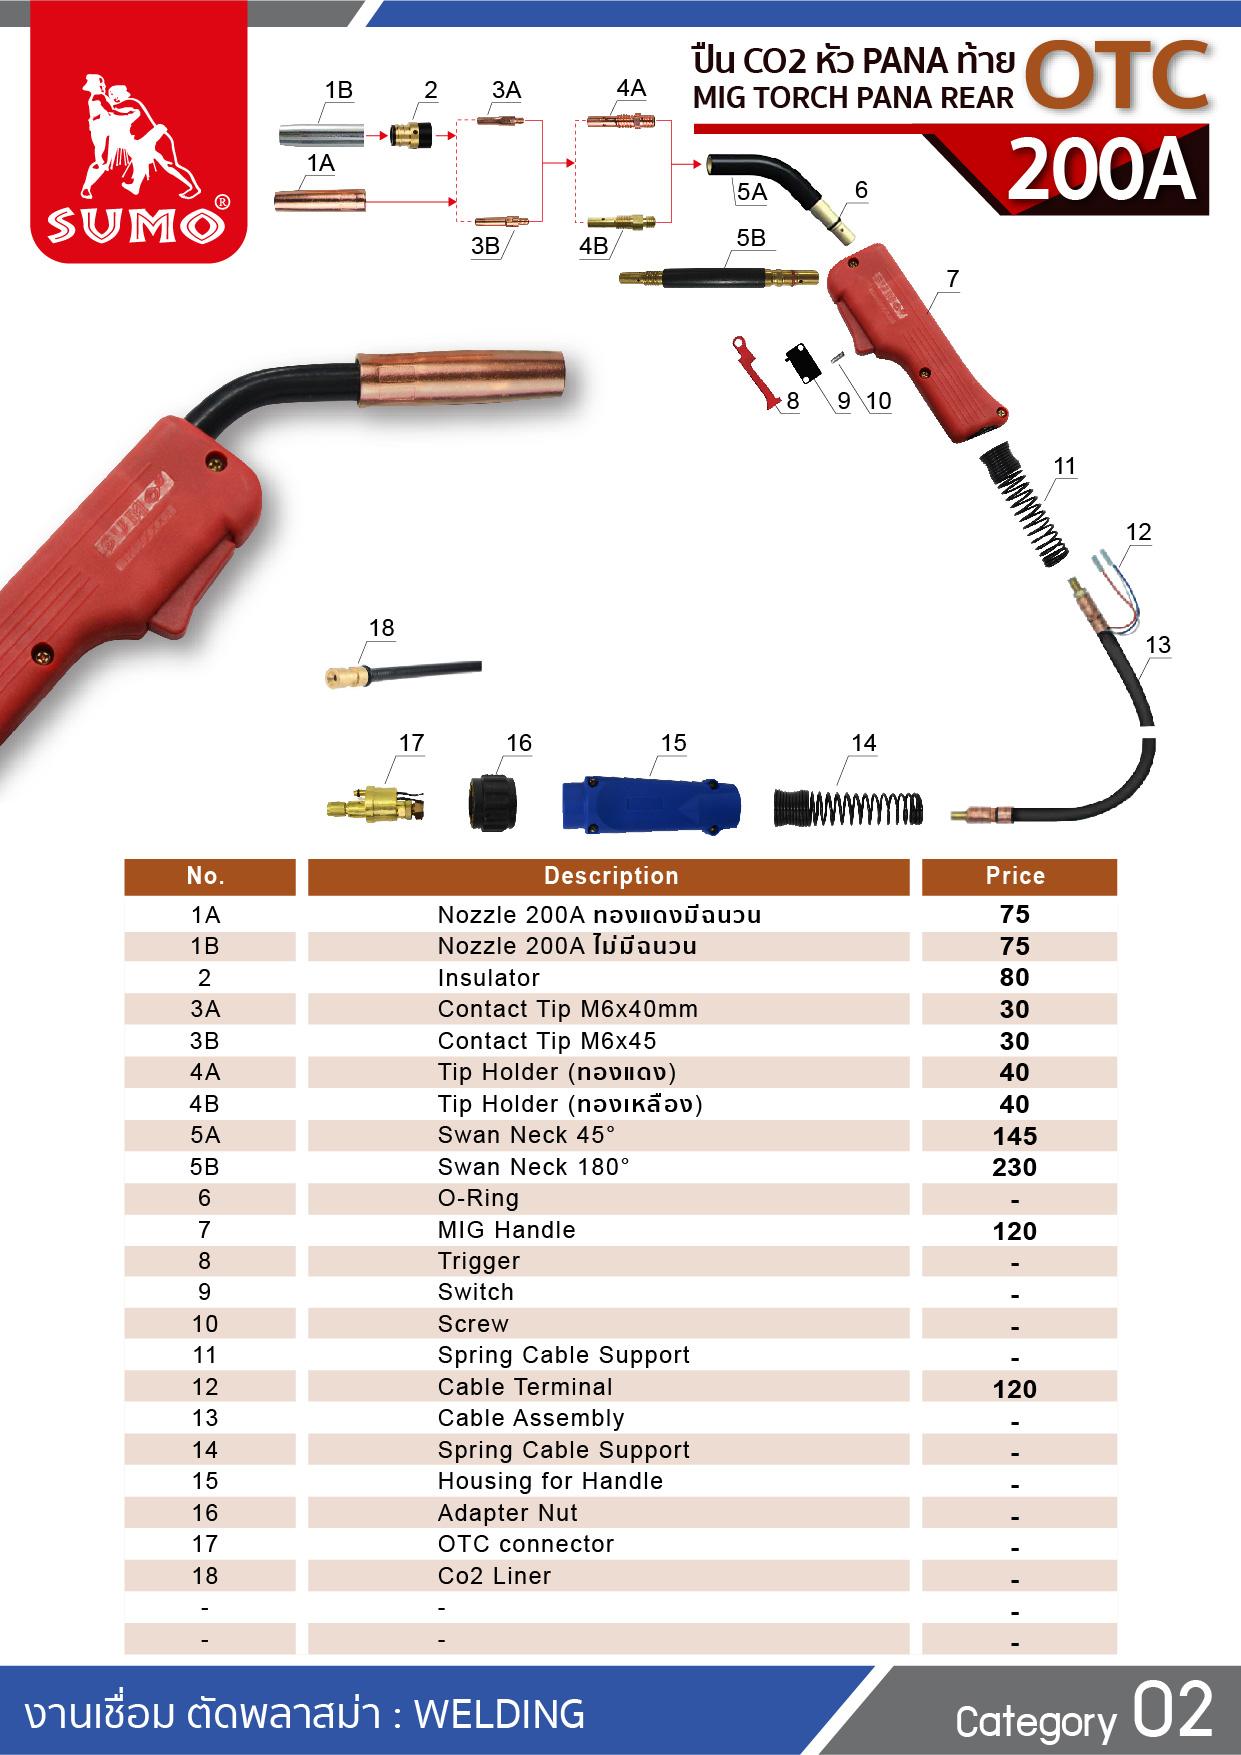 (5/34) ปืน CO2 PANA 200A OTC Tail